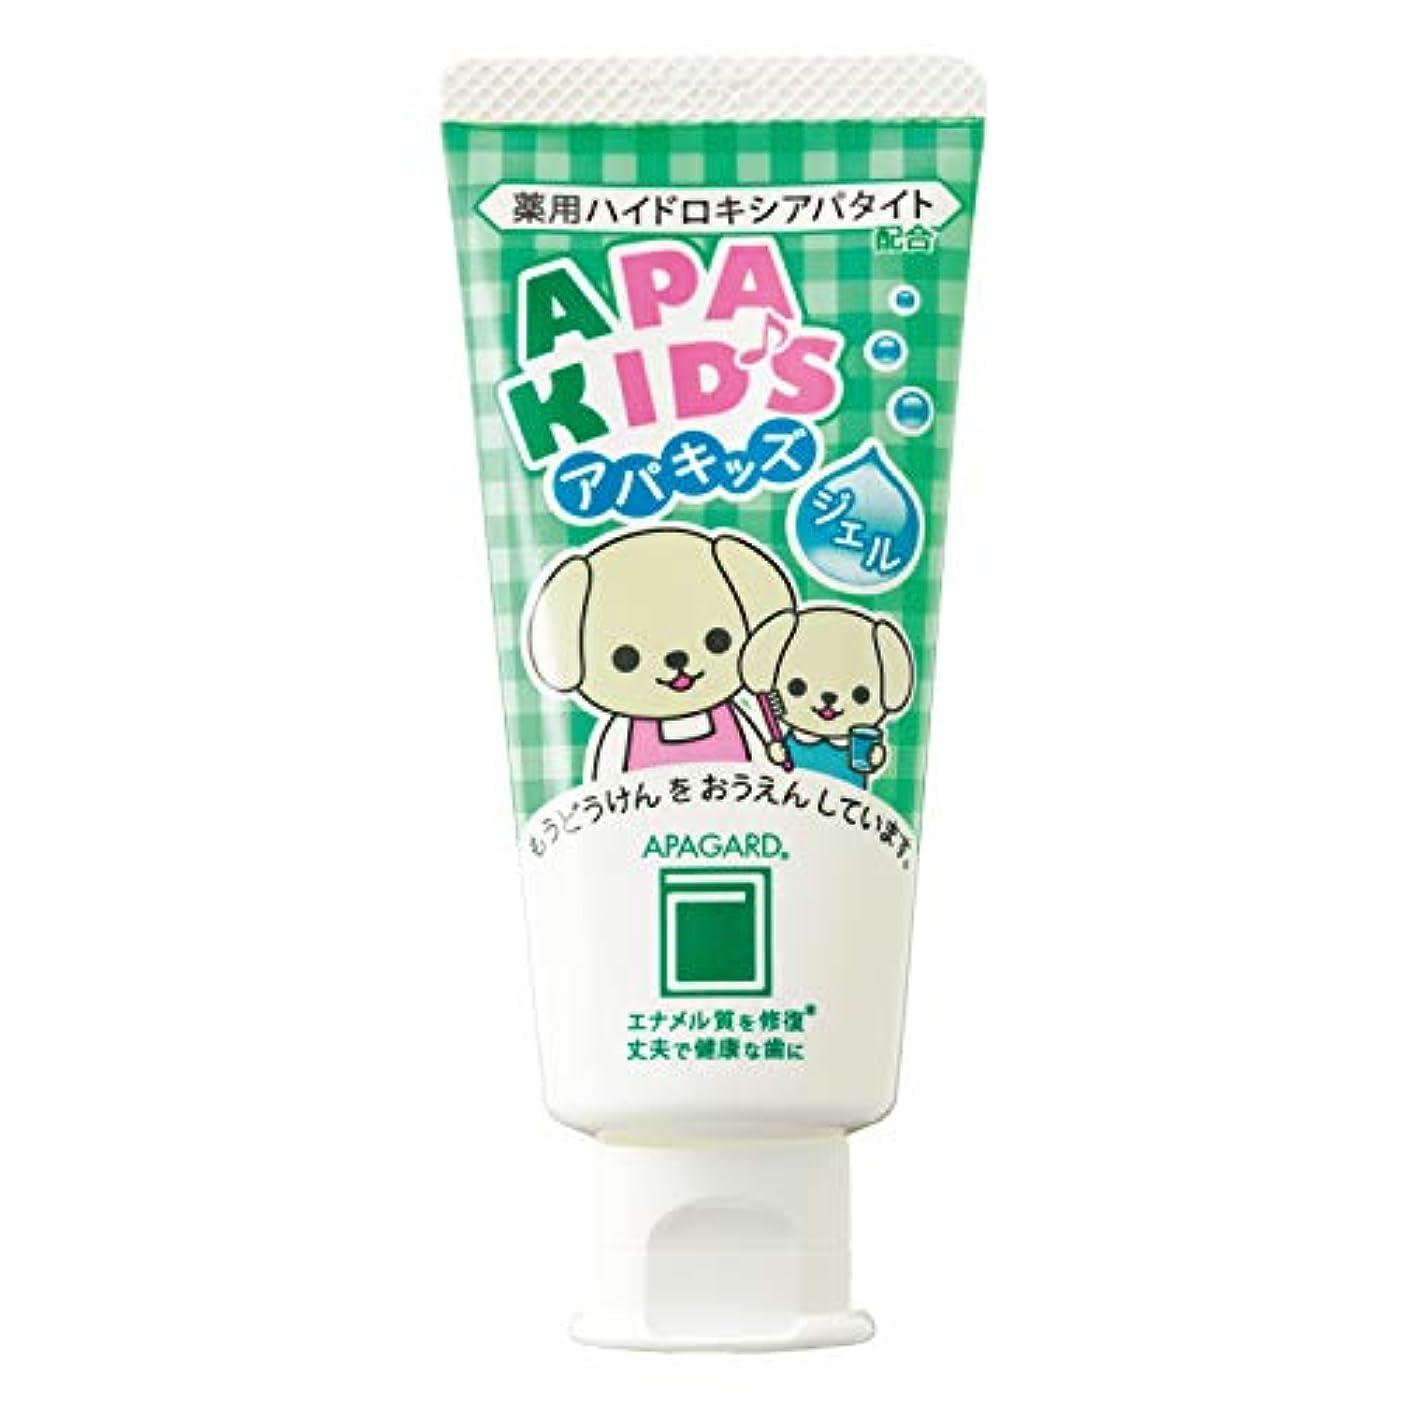 確認してくださいバトル心からアパガード(APAGARD)アパキッズジェル60g むし歯予防 こどもハミガキ ジェルタイプ(医薬部外品)